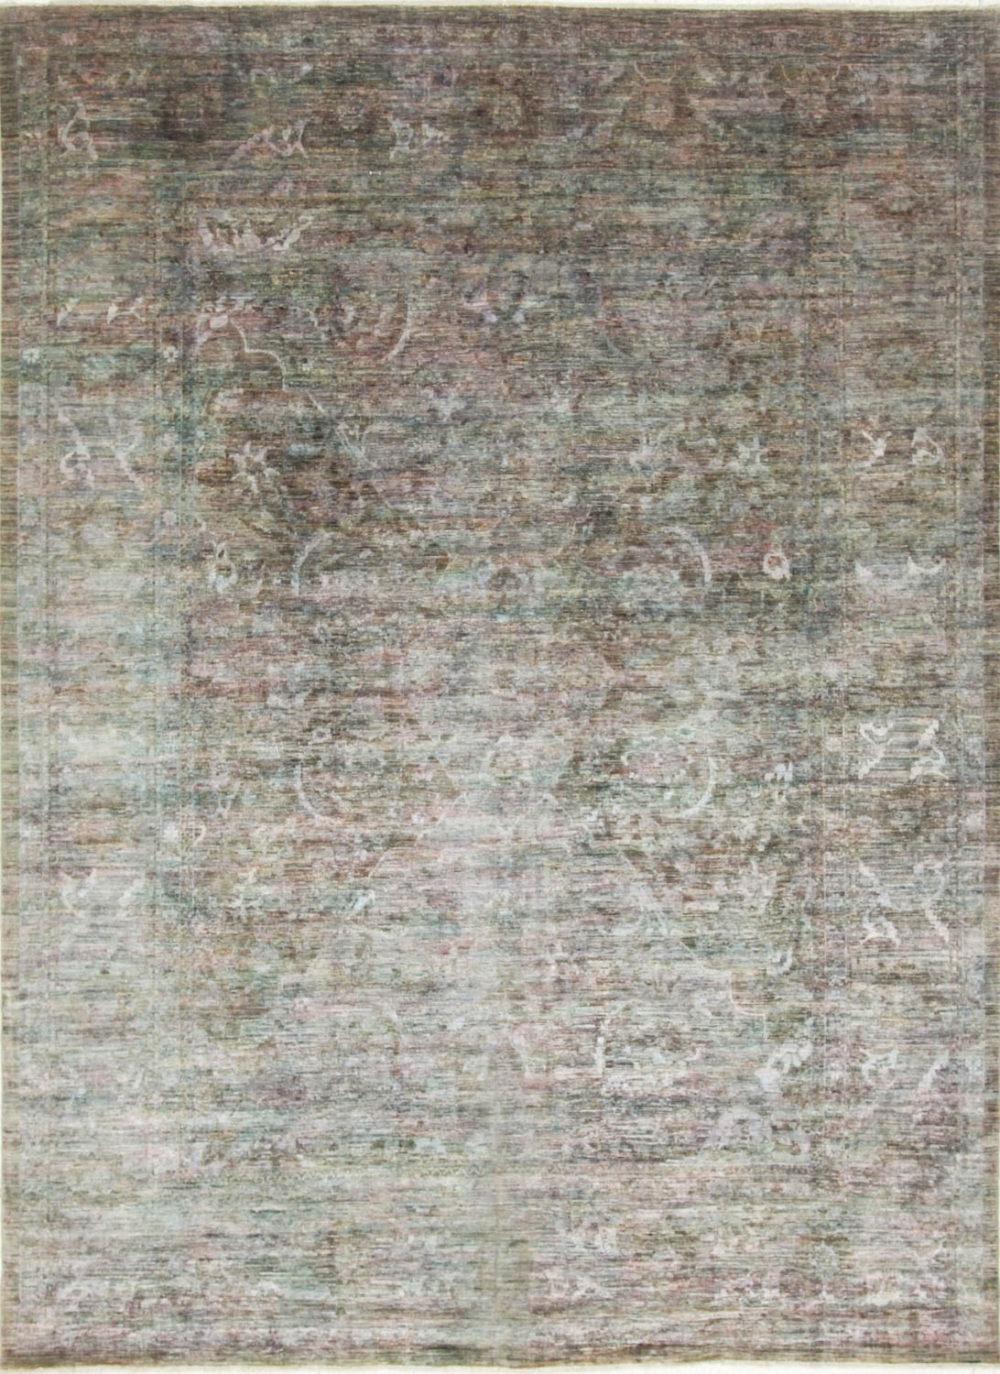 国外最新精品地毯768P(继续更新209P精品)_wcw (102).jpg